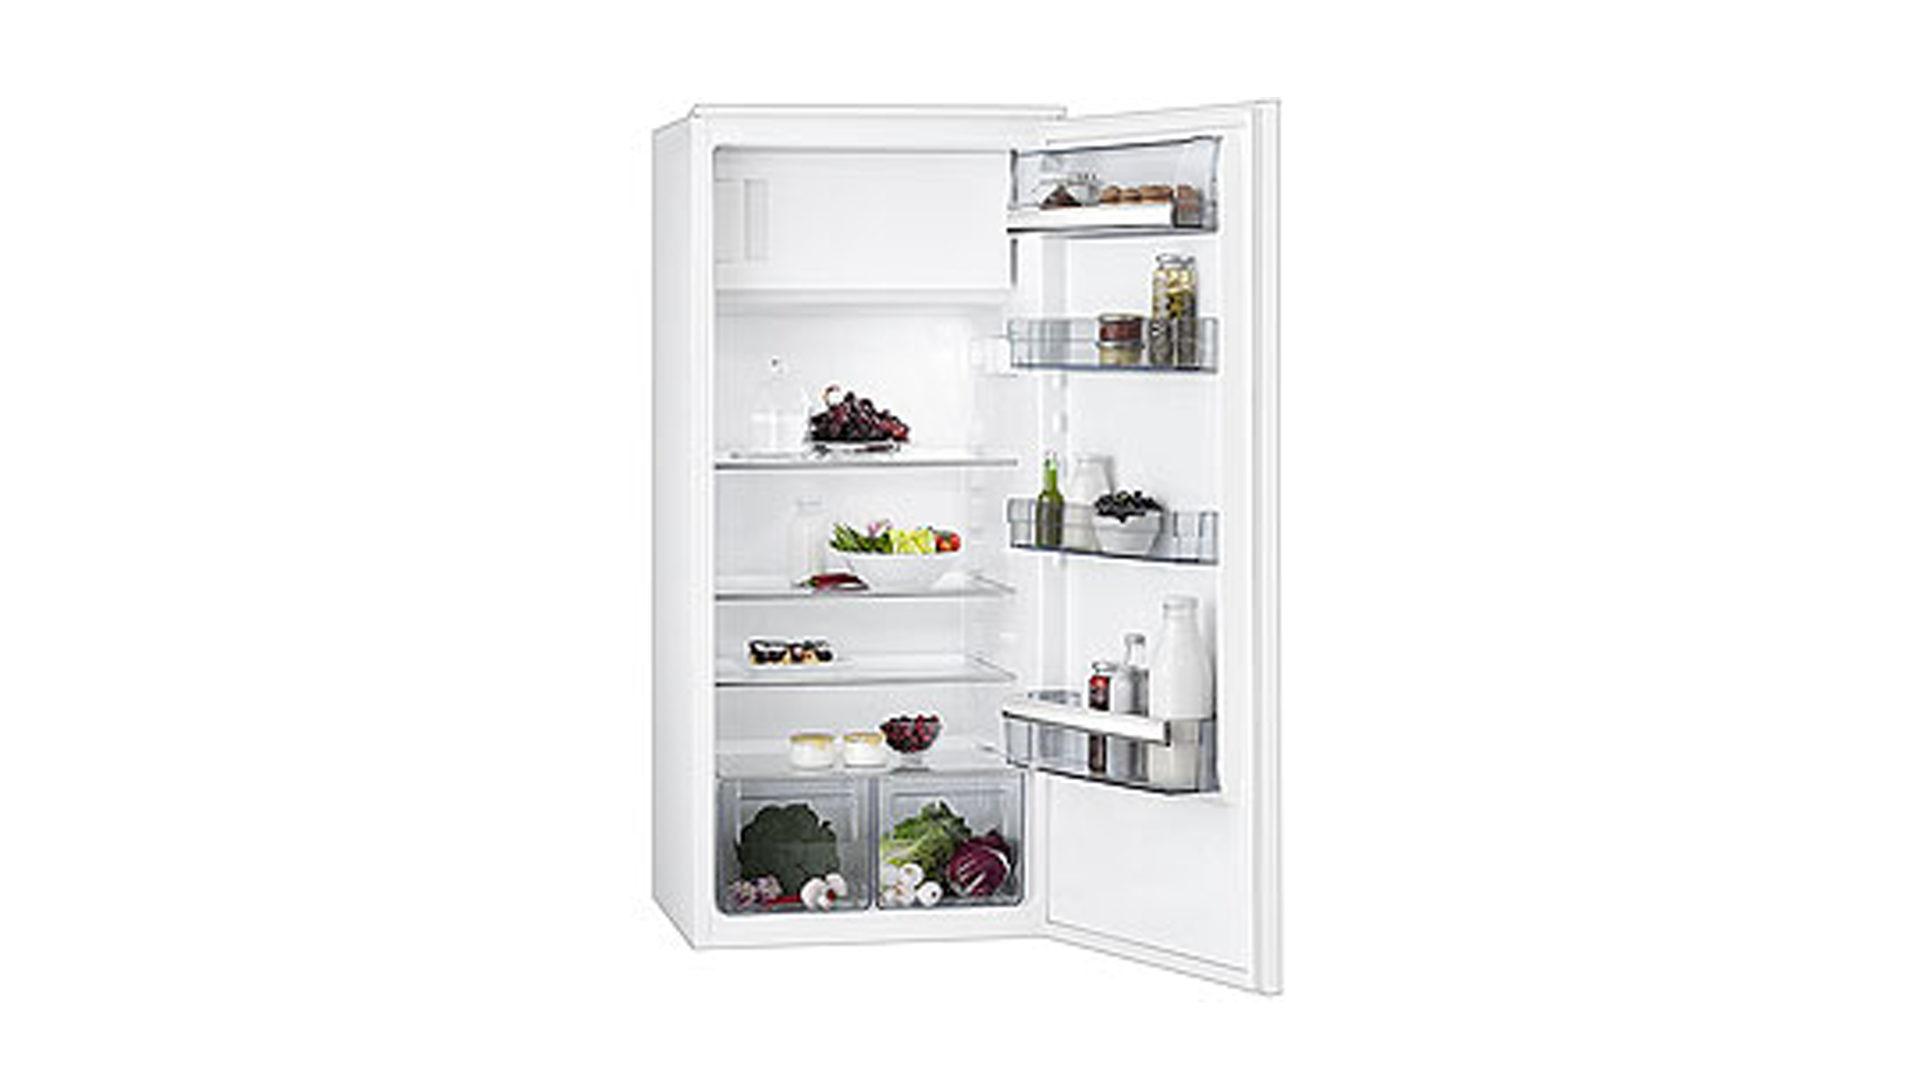 Aeg Kühlschrank Retro : Möbel boer coesfeld räume küche einbaugeräte aeg aeg